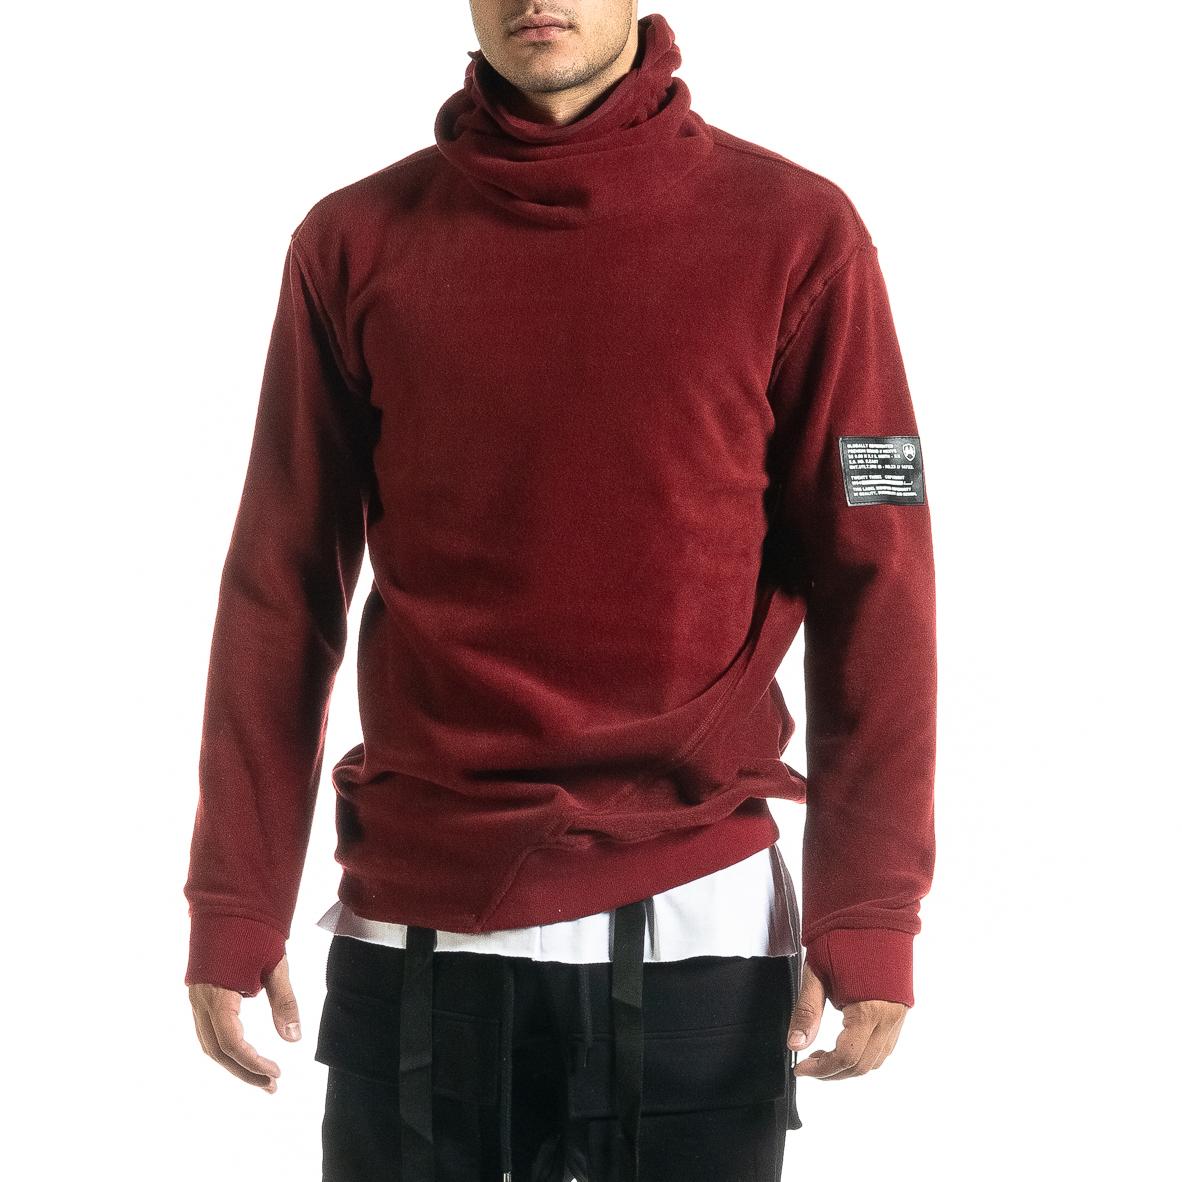 Ανδρικό κόκκινο φούτερ με κουκούλα